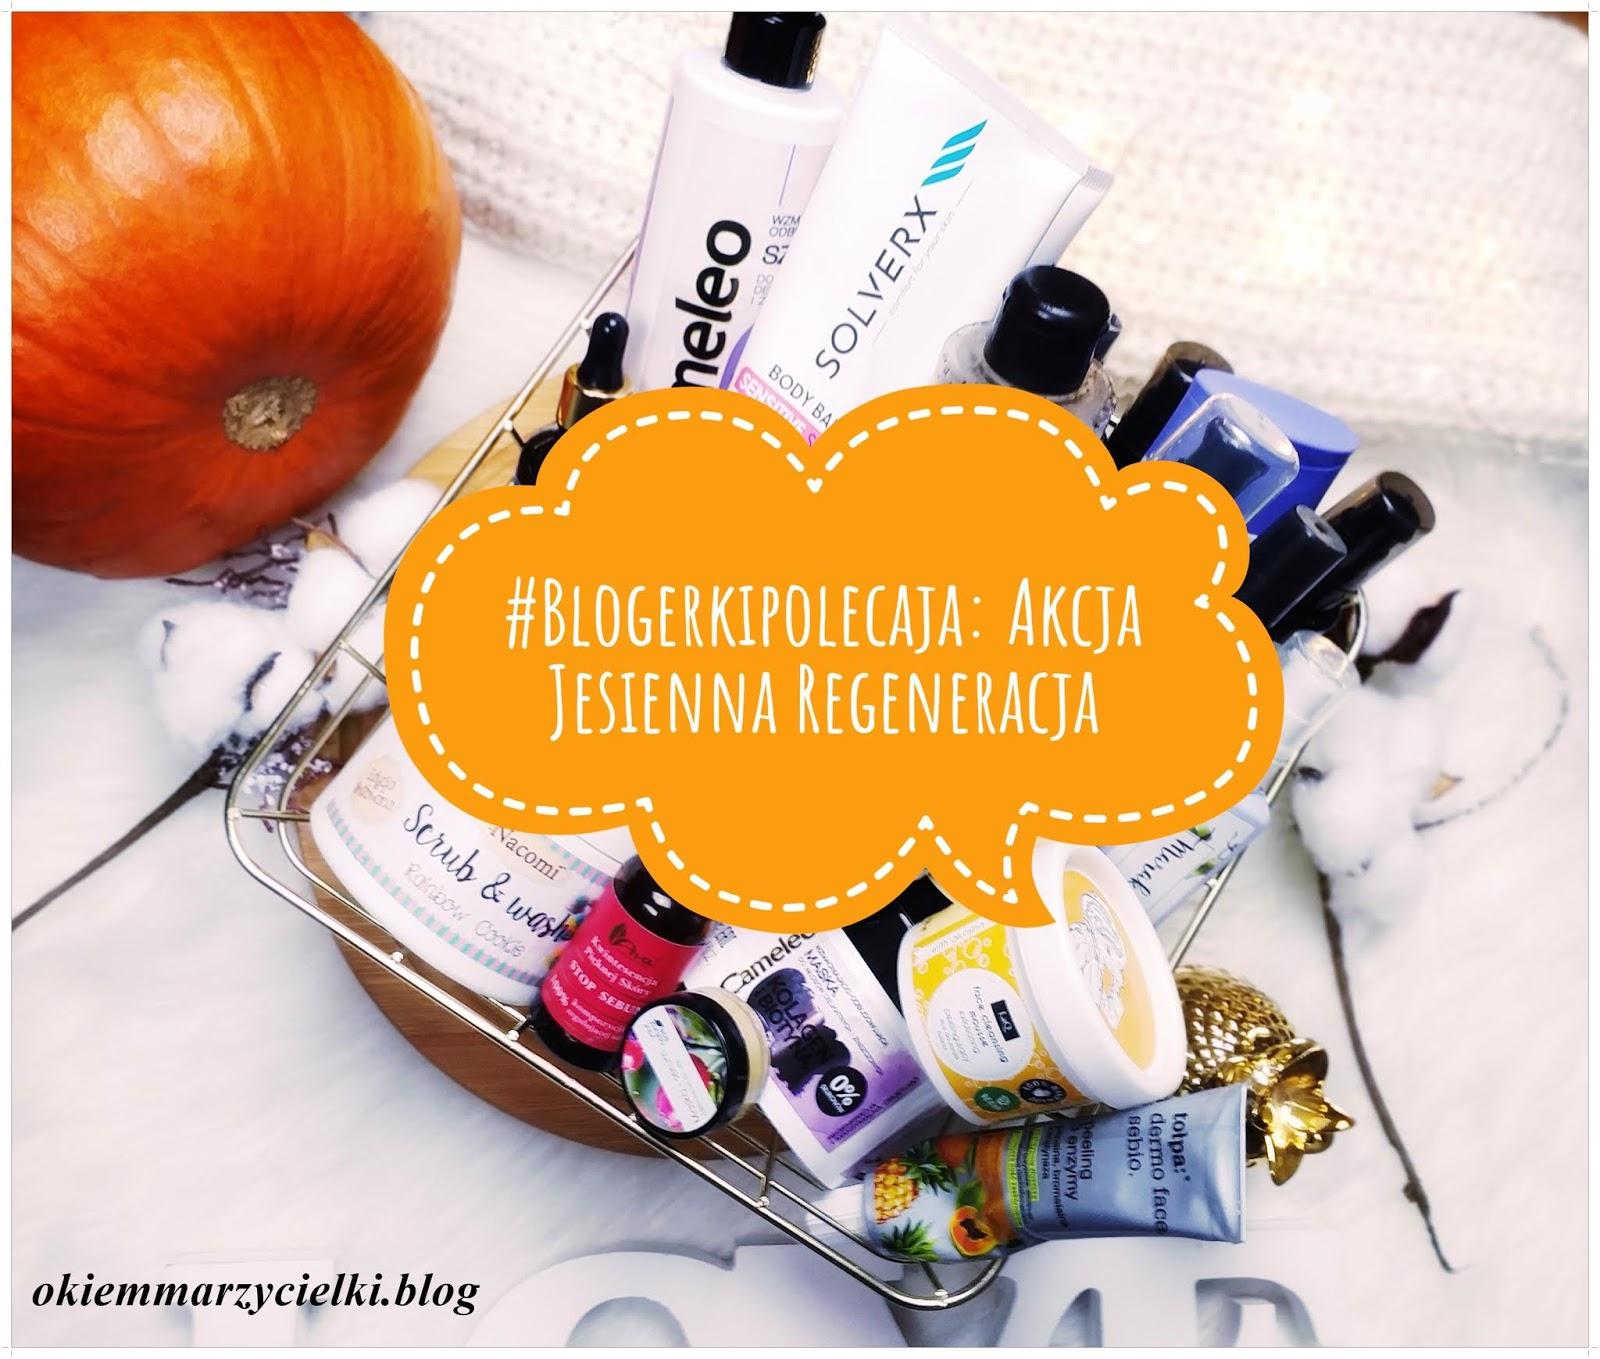 #Blogerkipolecaja: Akcja Jesienna Regeneracja- moja pielęgnacja ciała, włosów i twarzy jesienią :)